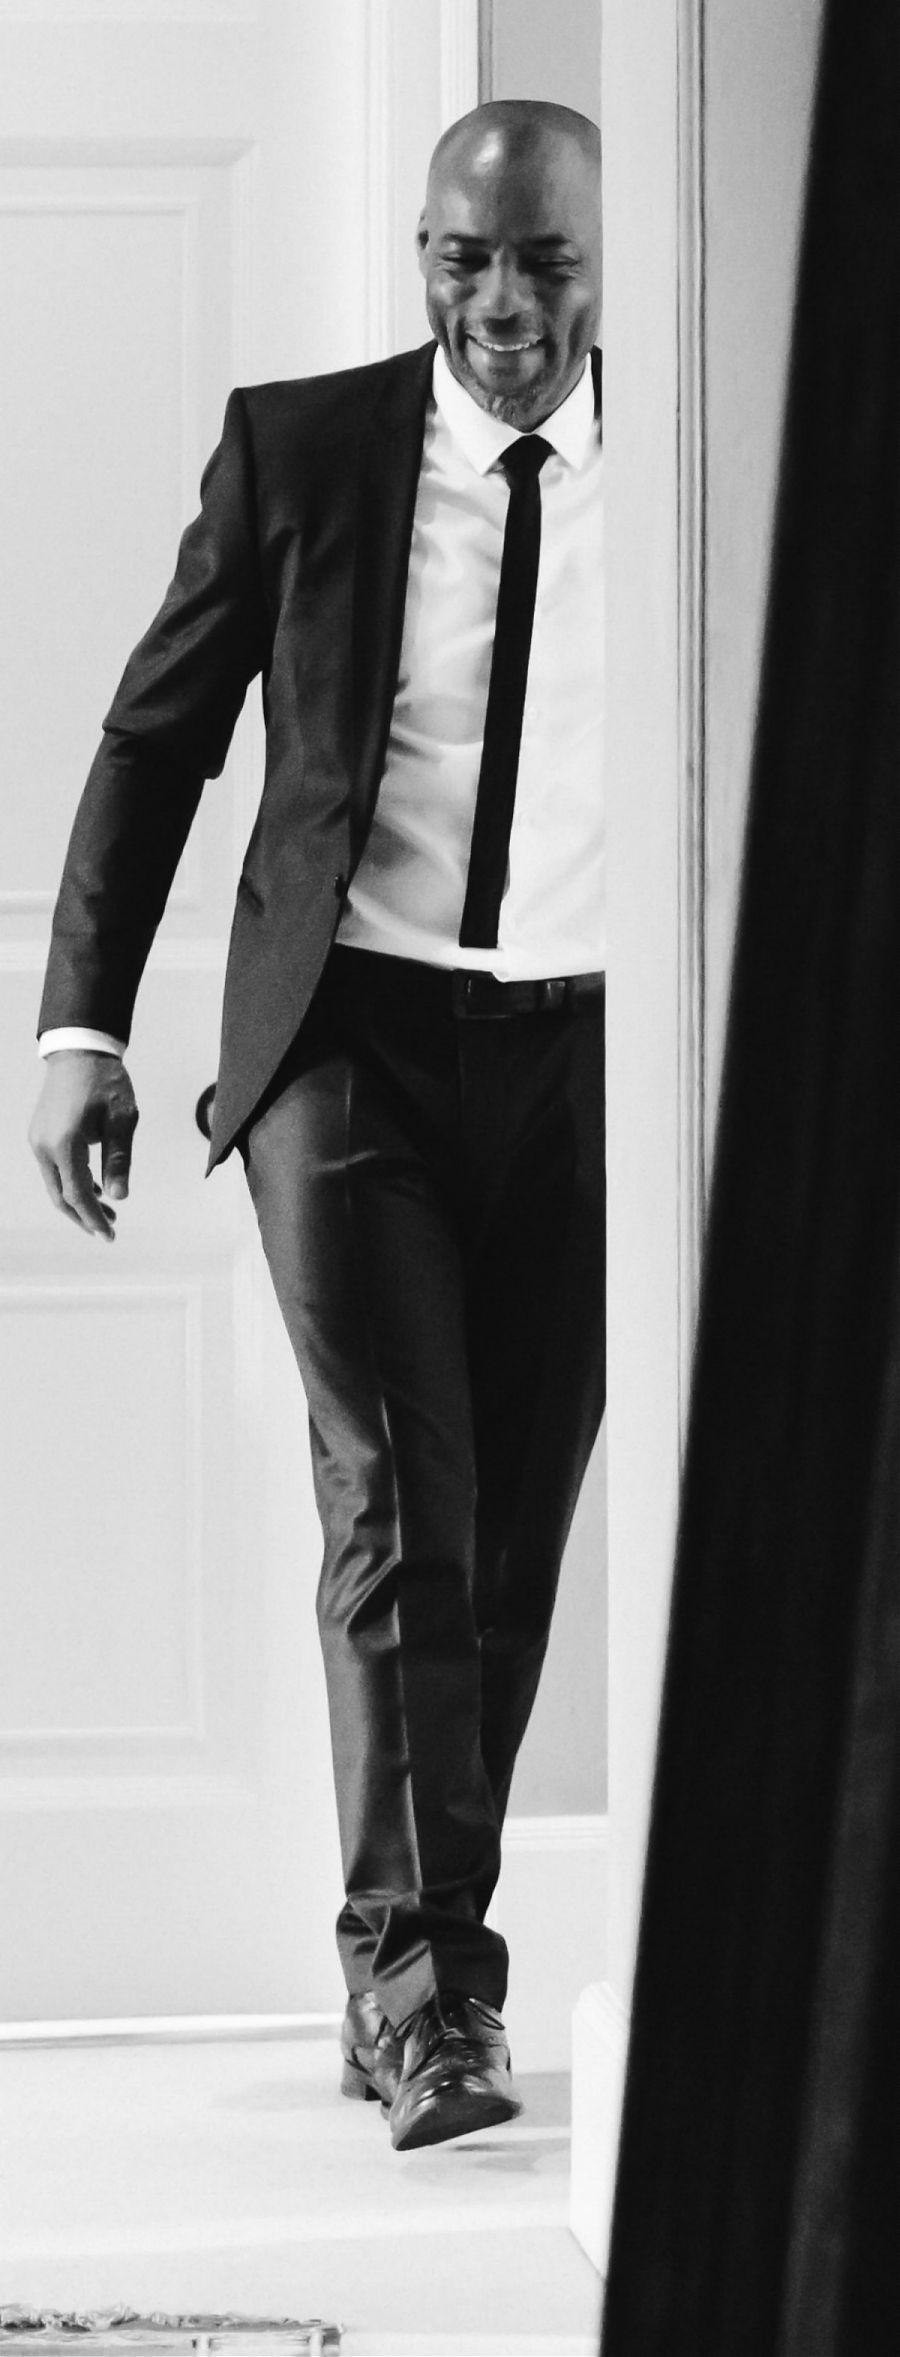 homme noire en costume - souriant - image en noire et blanc